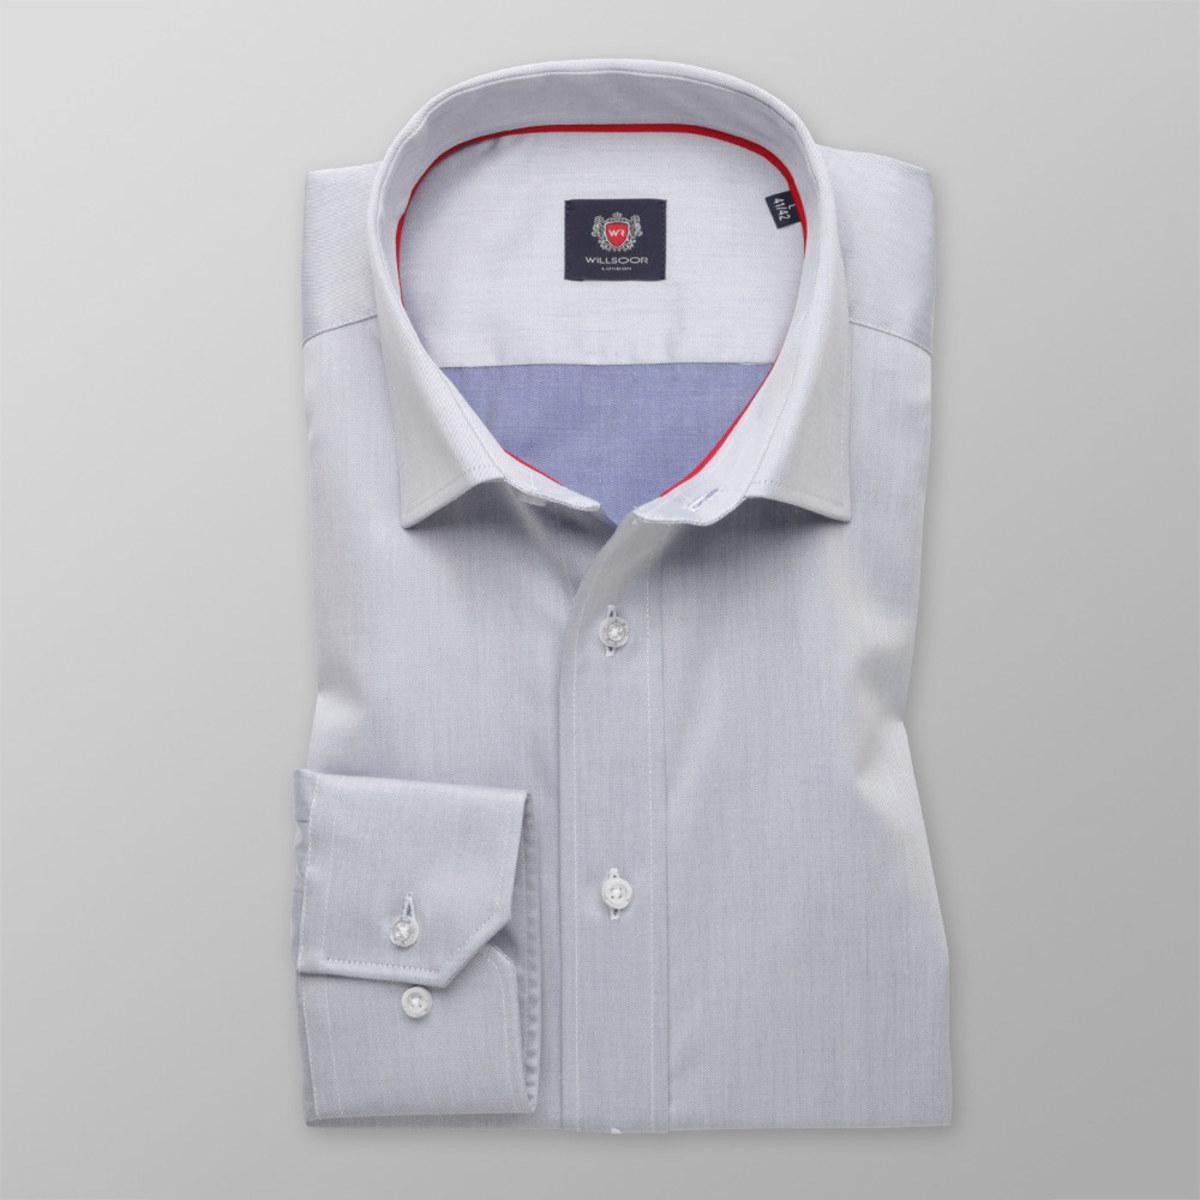 Pánská slim fit košile London (výška 198-204) 8321 v šedé barvě 198-204 / L (Límeček 41/42)